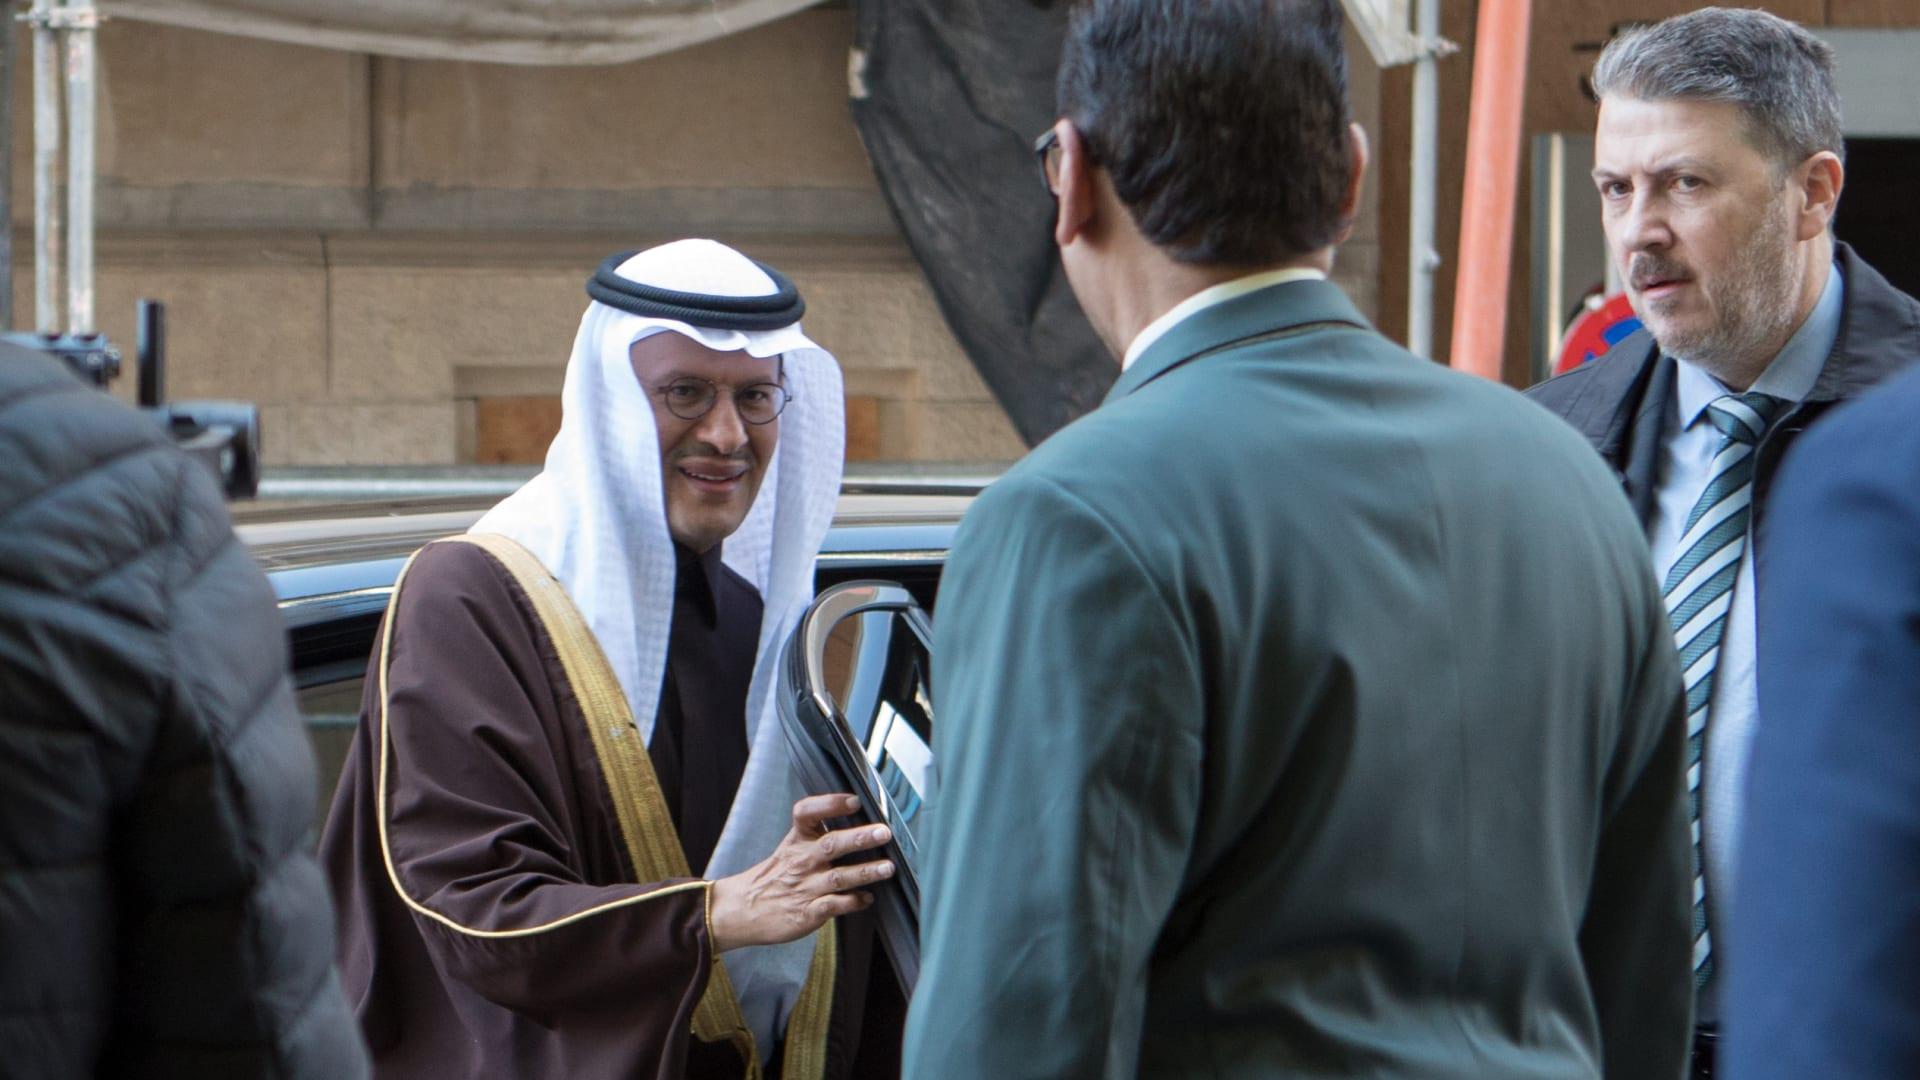 صورة أرشيفية لوزير الطاقة السعودي الأمير عبد العزيز بن سلمان